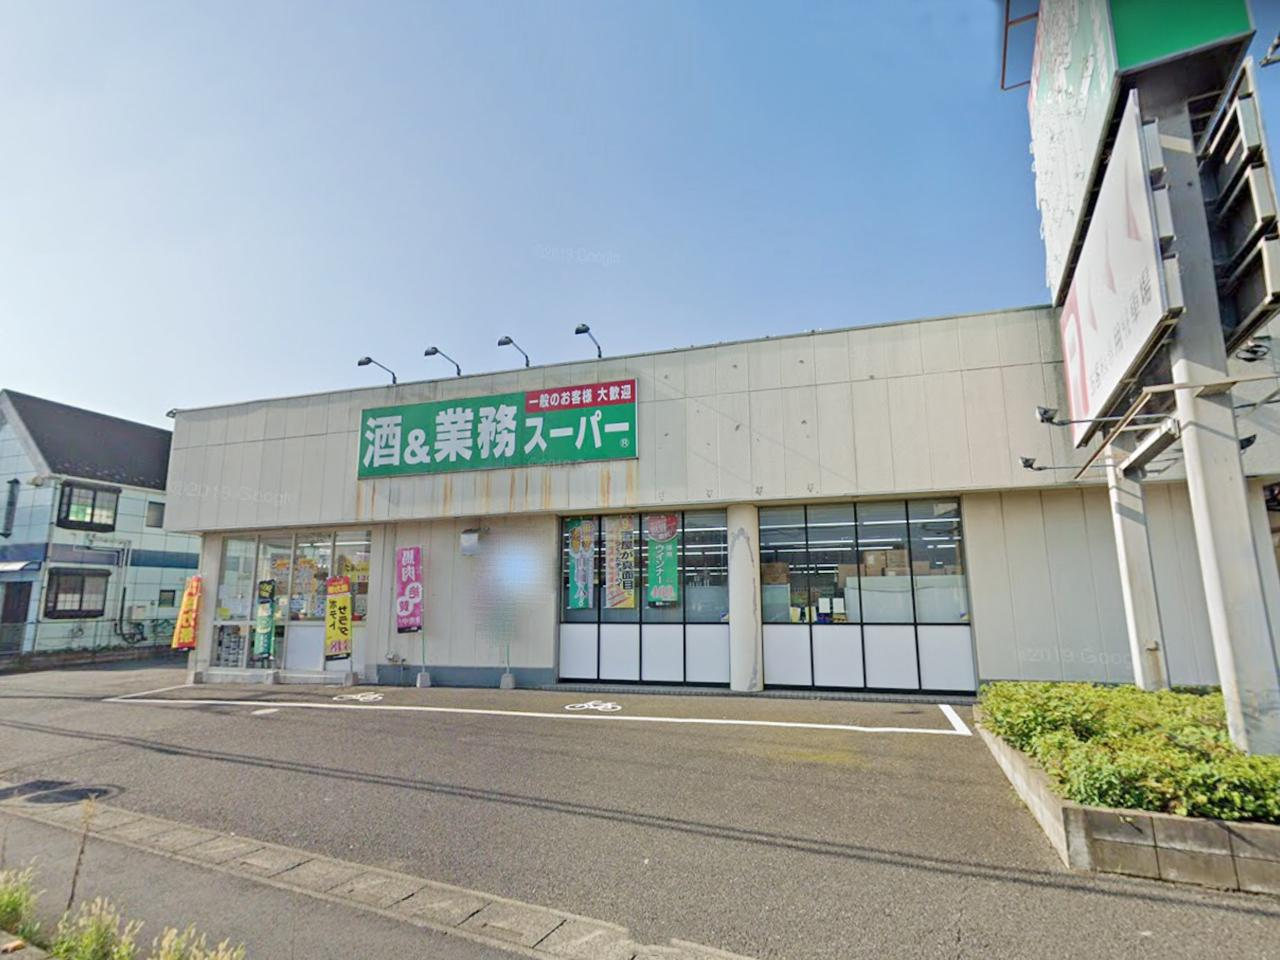 酒&業務スーパー小手指店